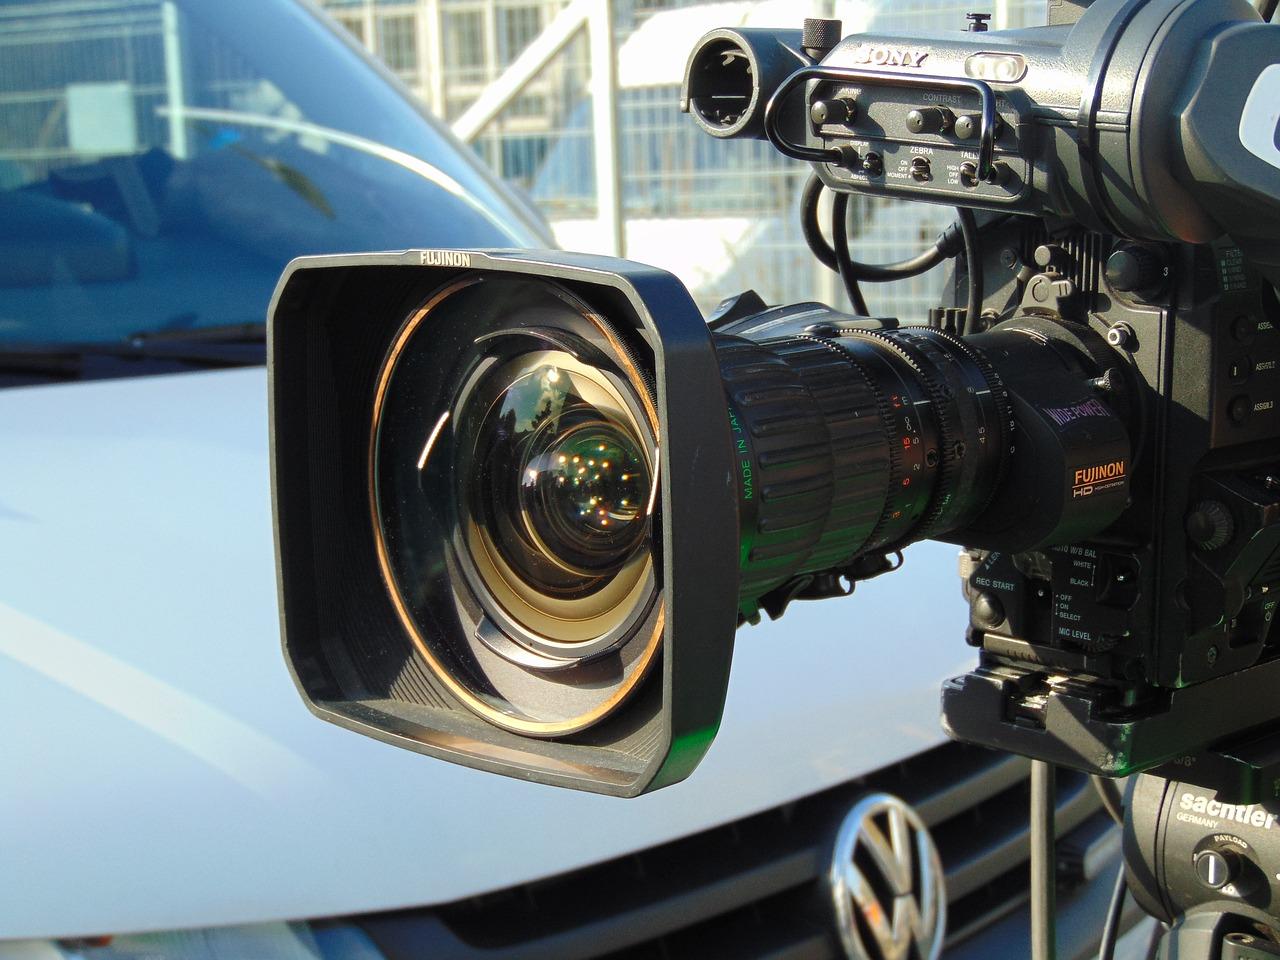 W Lublinie będzie kręcony kolejny film. Nie obejdzie się bez utrudnień drogowych - Zdjęcie główne